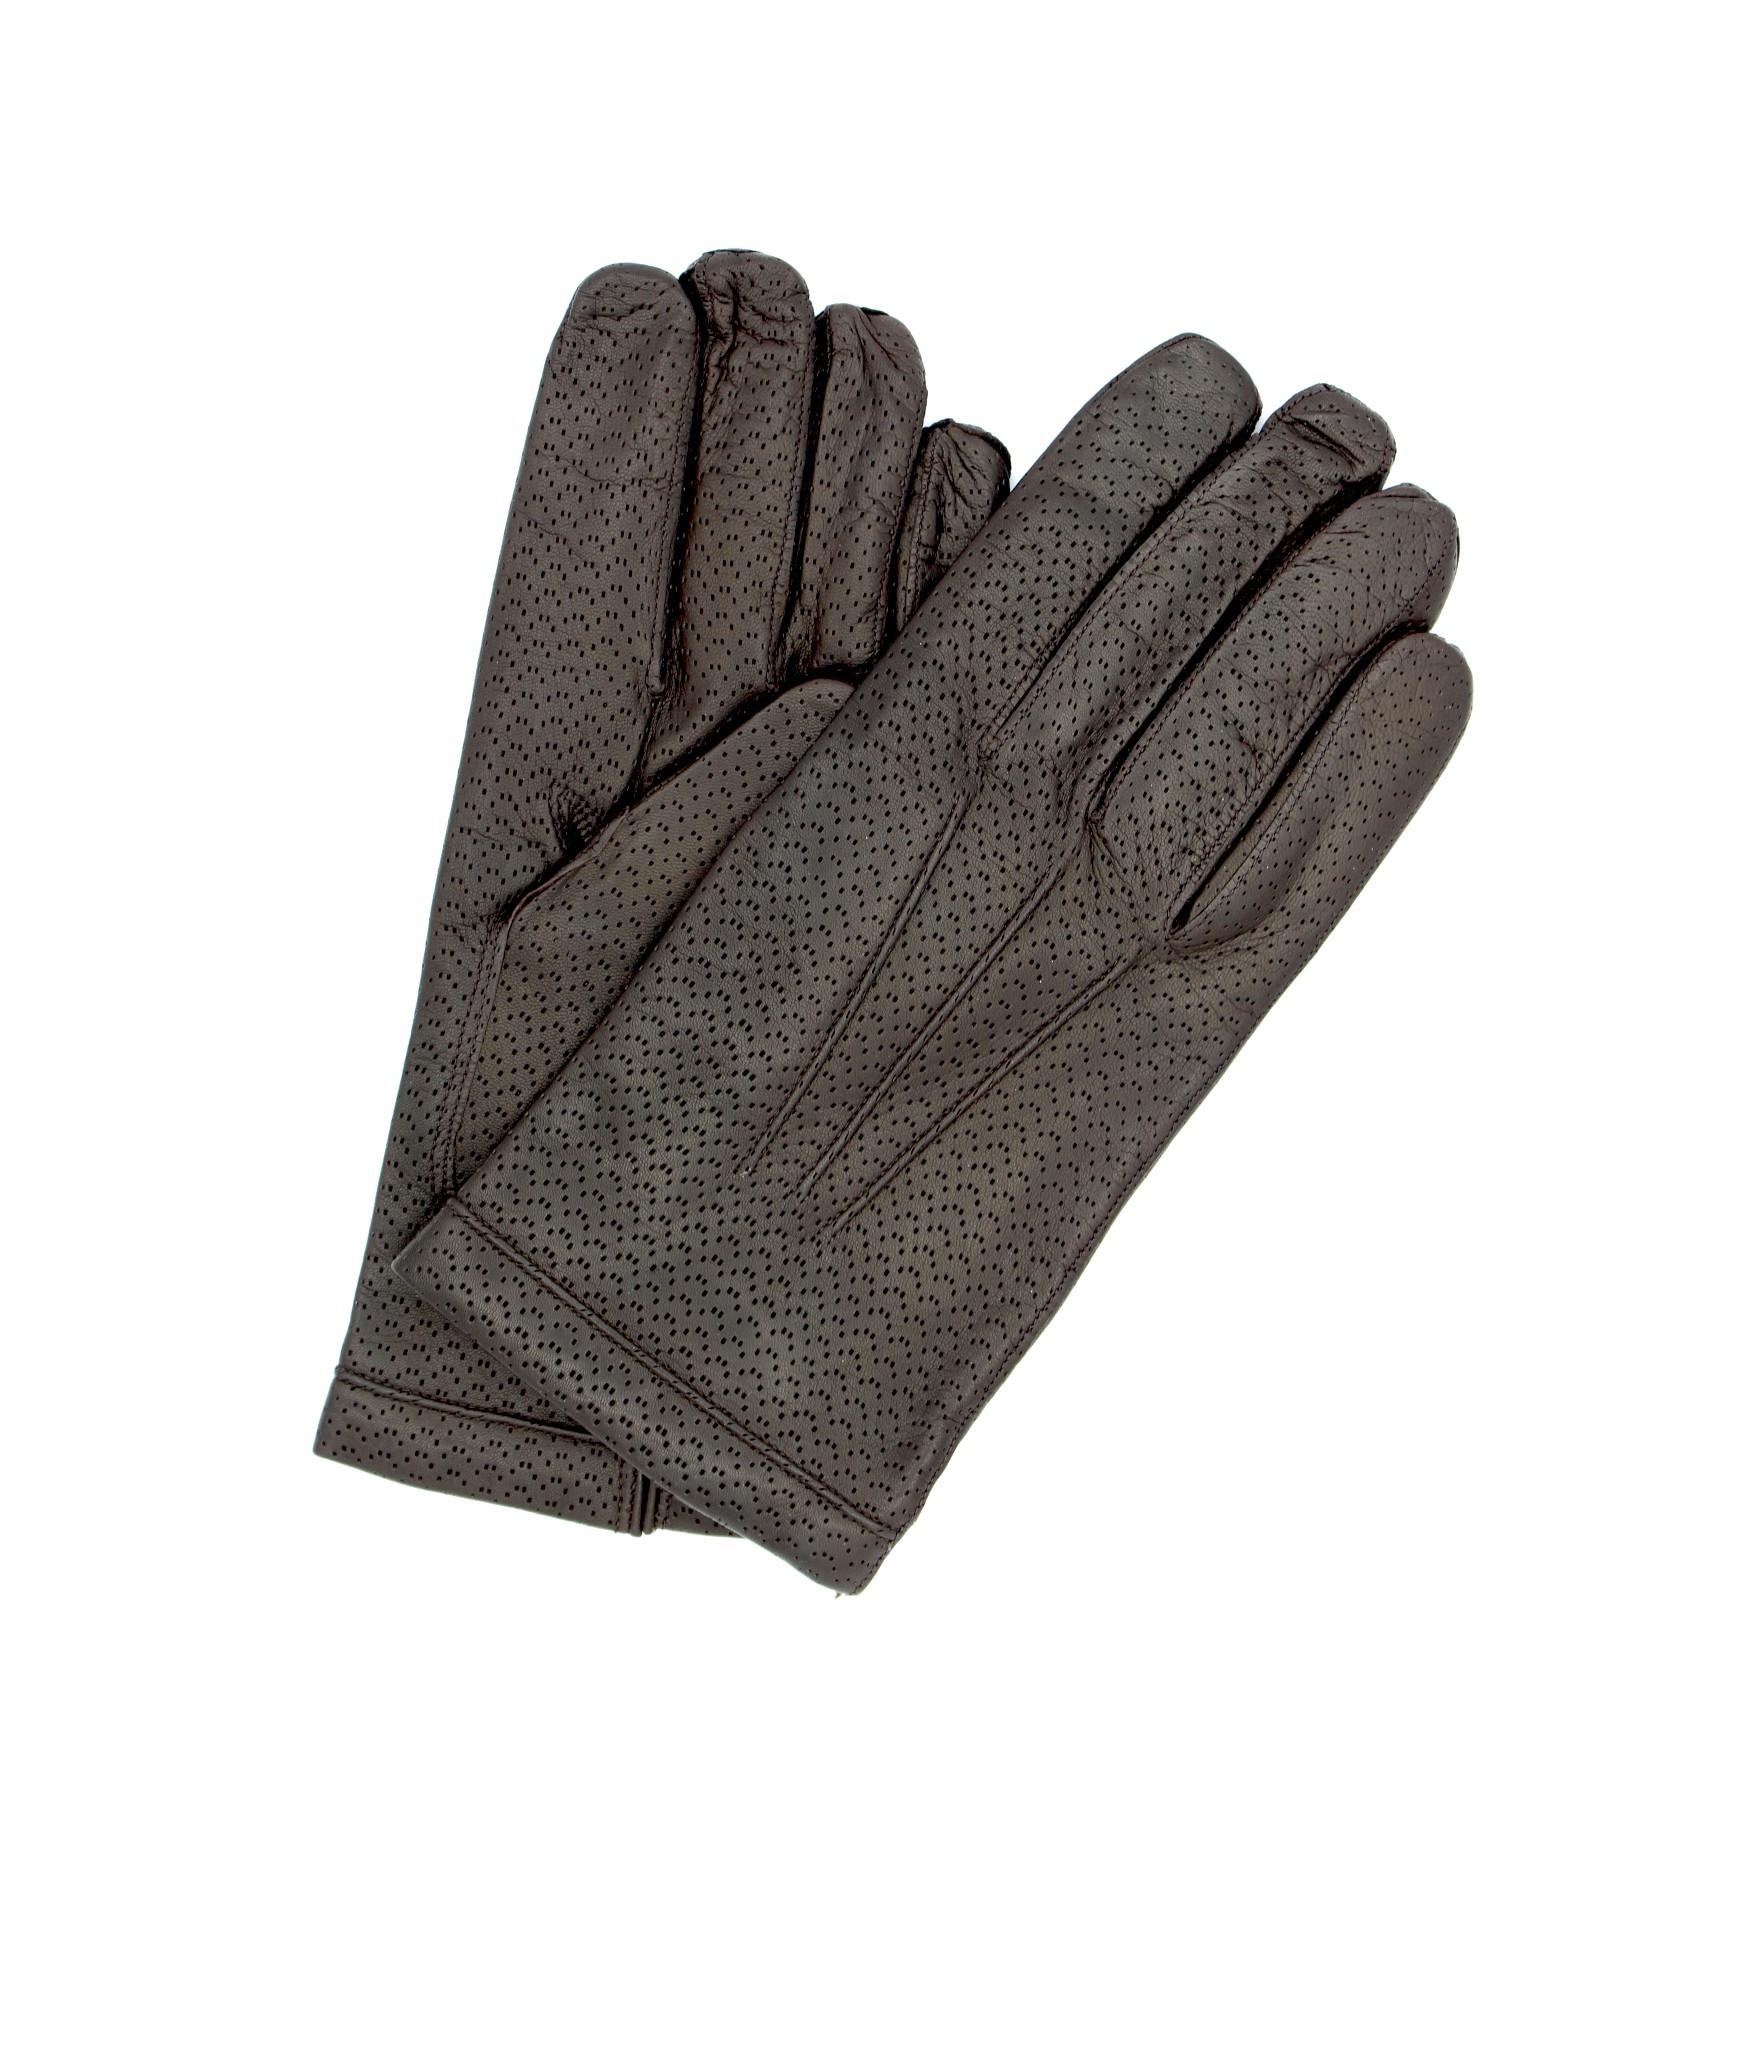 Nappa leather gloves 2bt cashmere lined Dark Brown Sermoneta